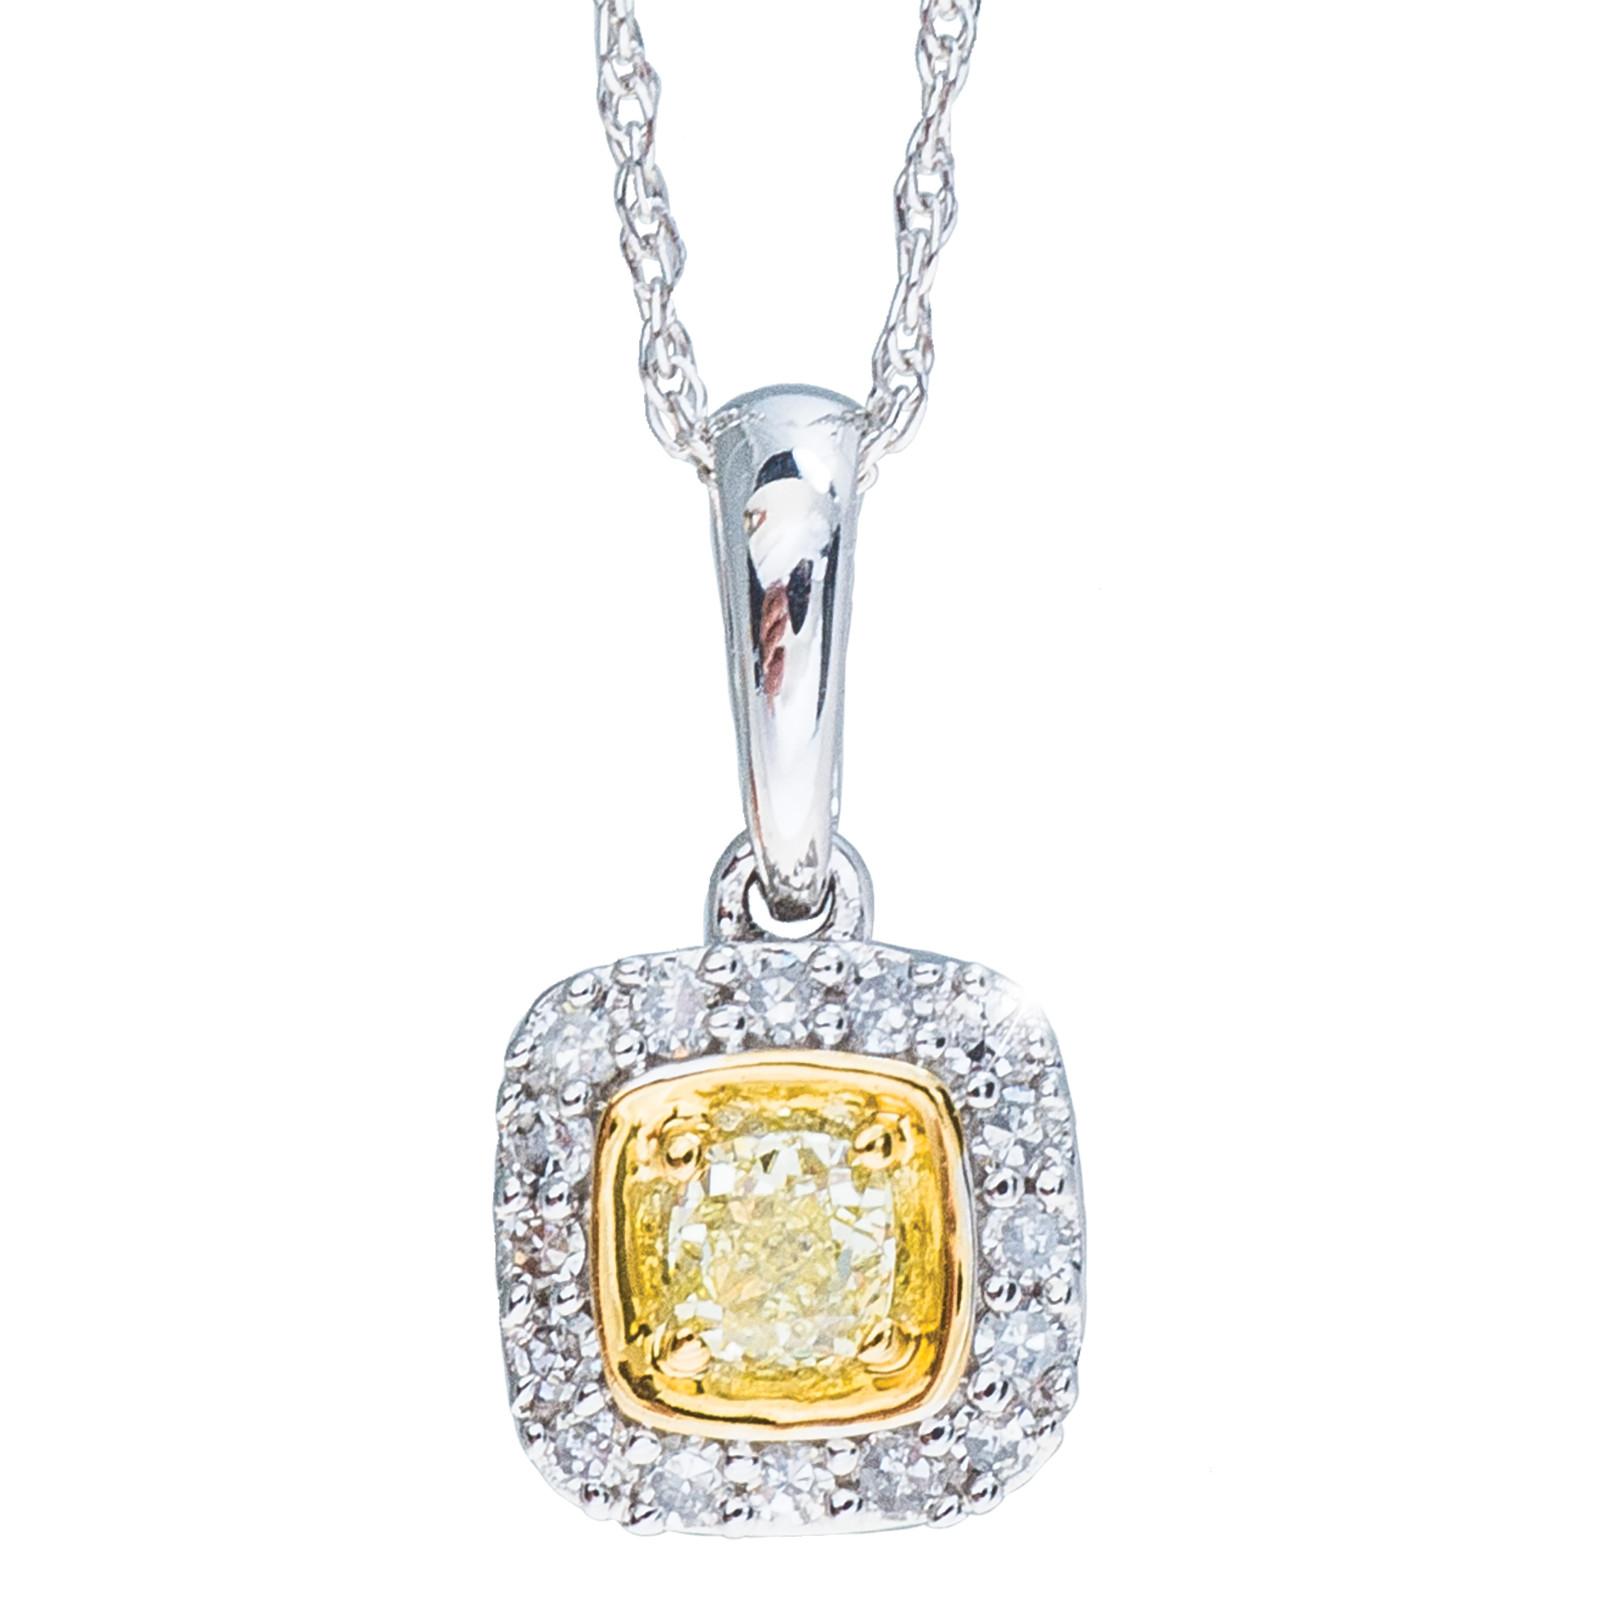 New 0.24 CTW Fancy Yellow Diamond Pendant